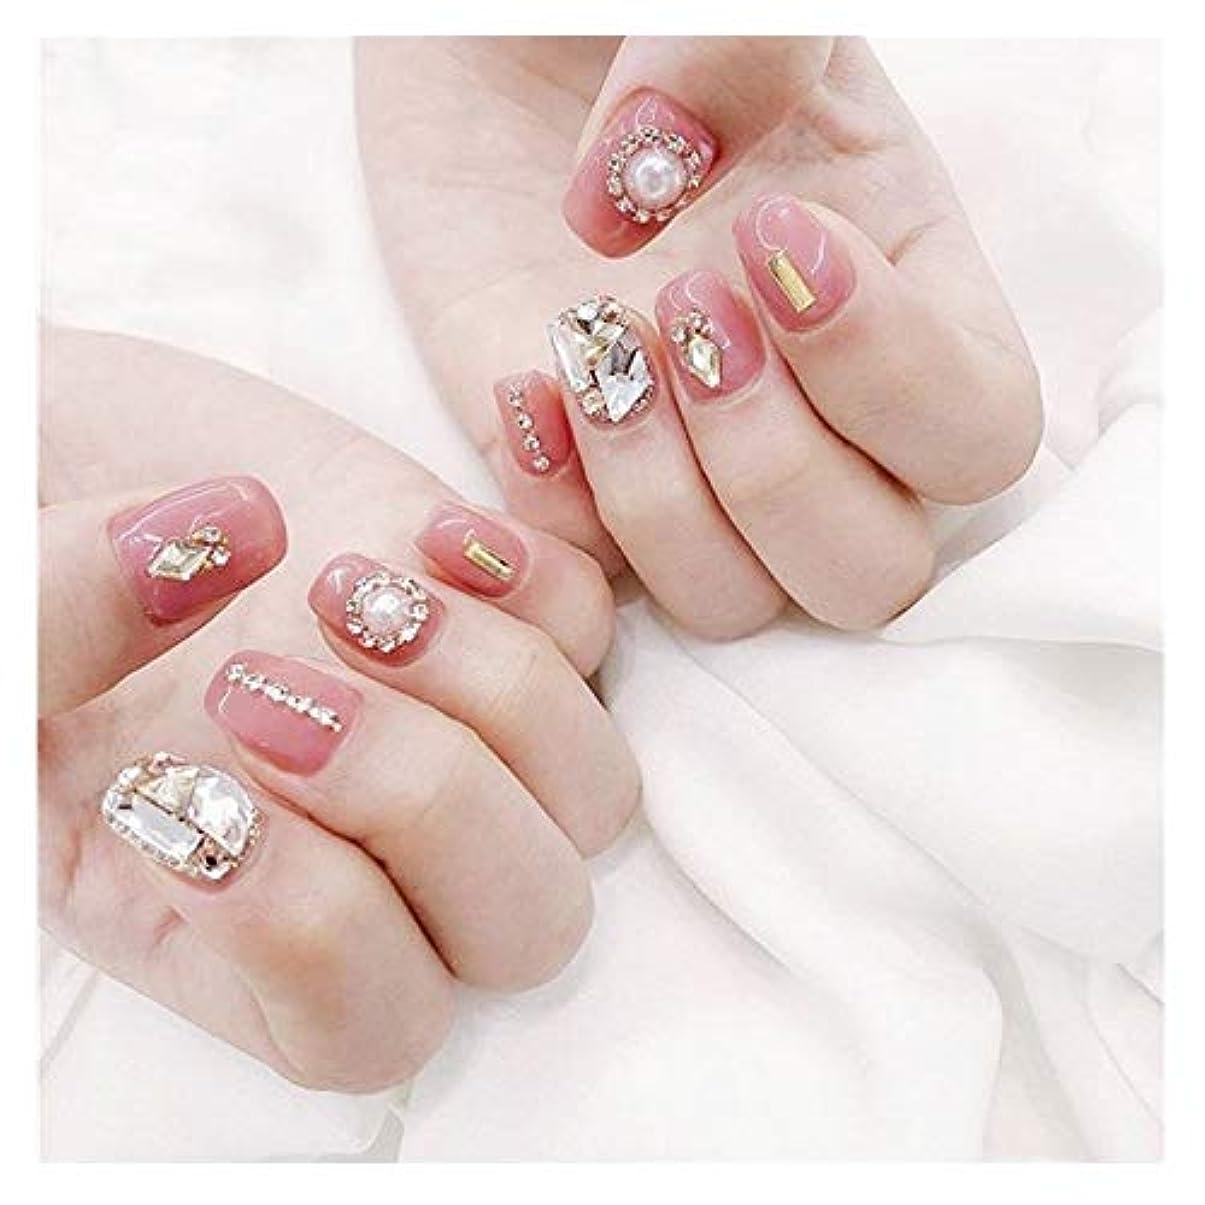 これらブリッジ逆説BOBIDYEE ダイヤモンドのり偽の爪ピンクのかわいい花嫁フォトスタジオ完成ネイル偽の釘 (色 : 24 pieces)